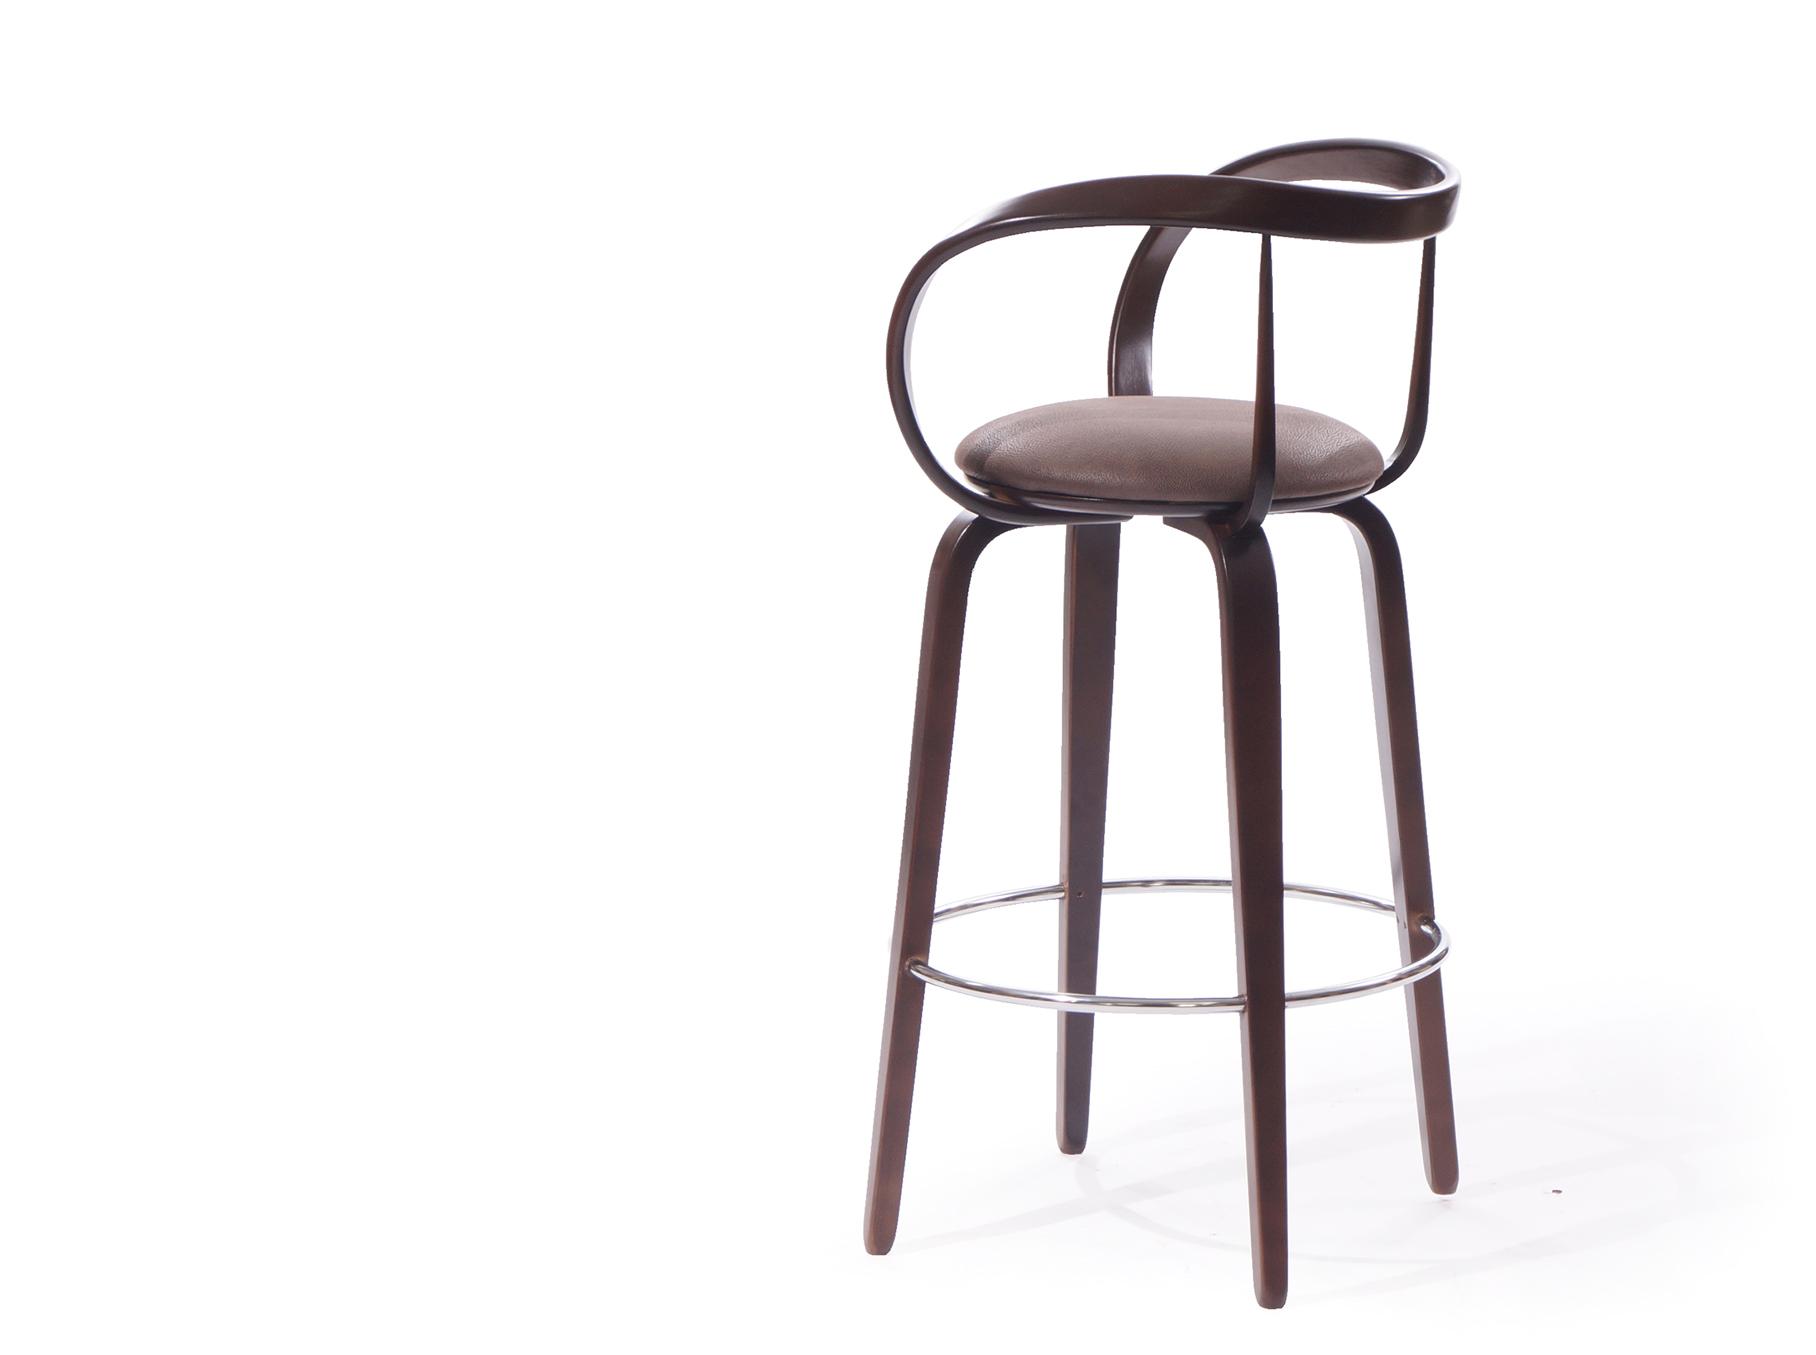 деревянный барный стул со спинкой купить